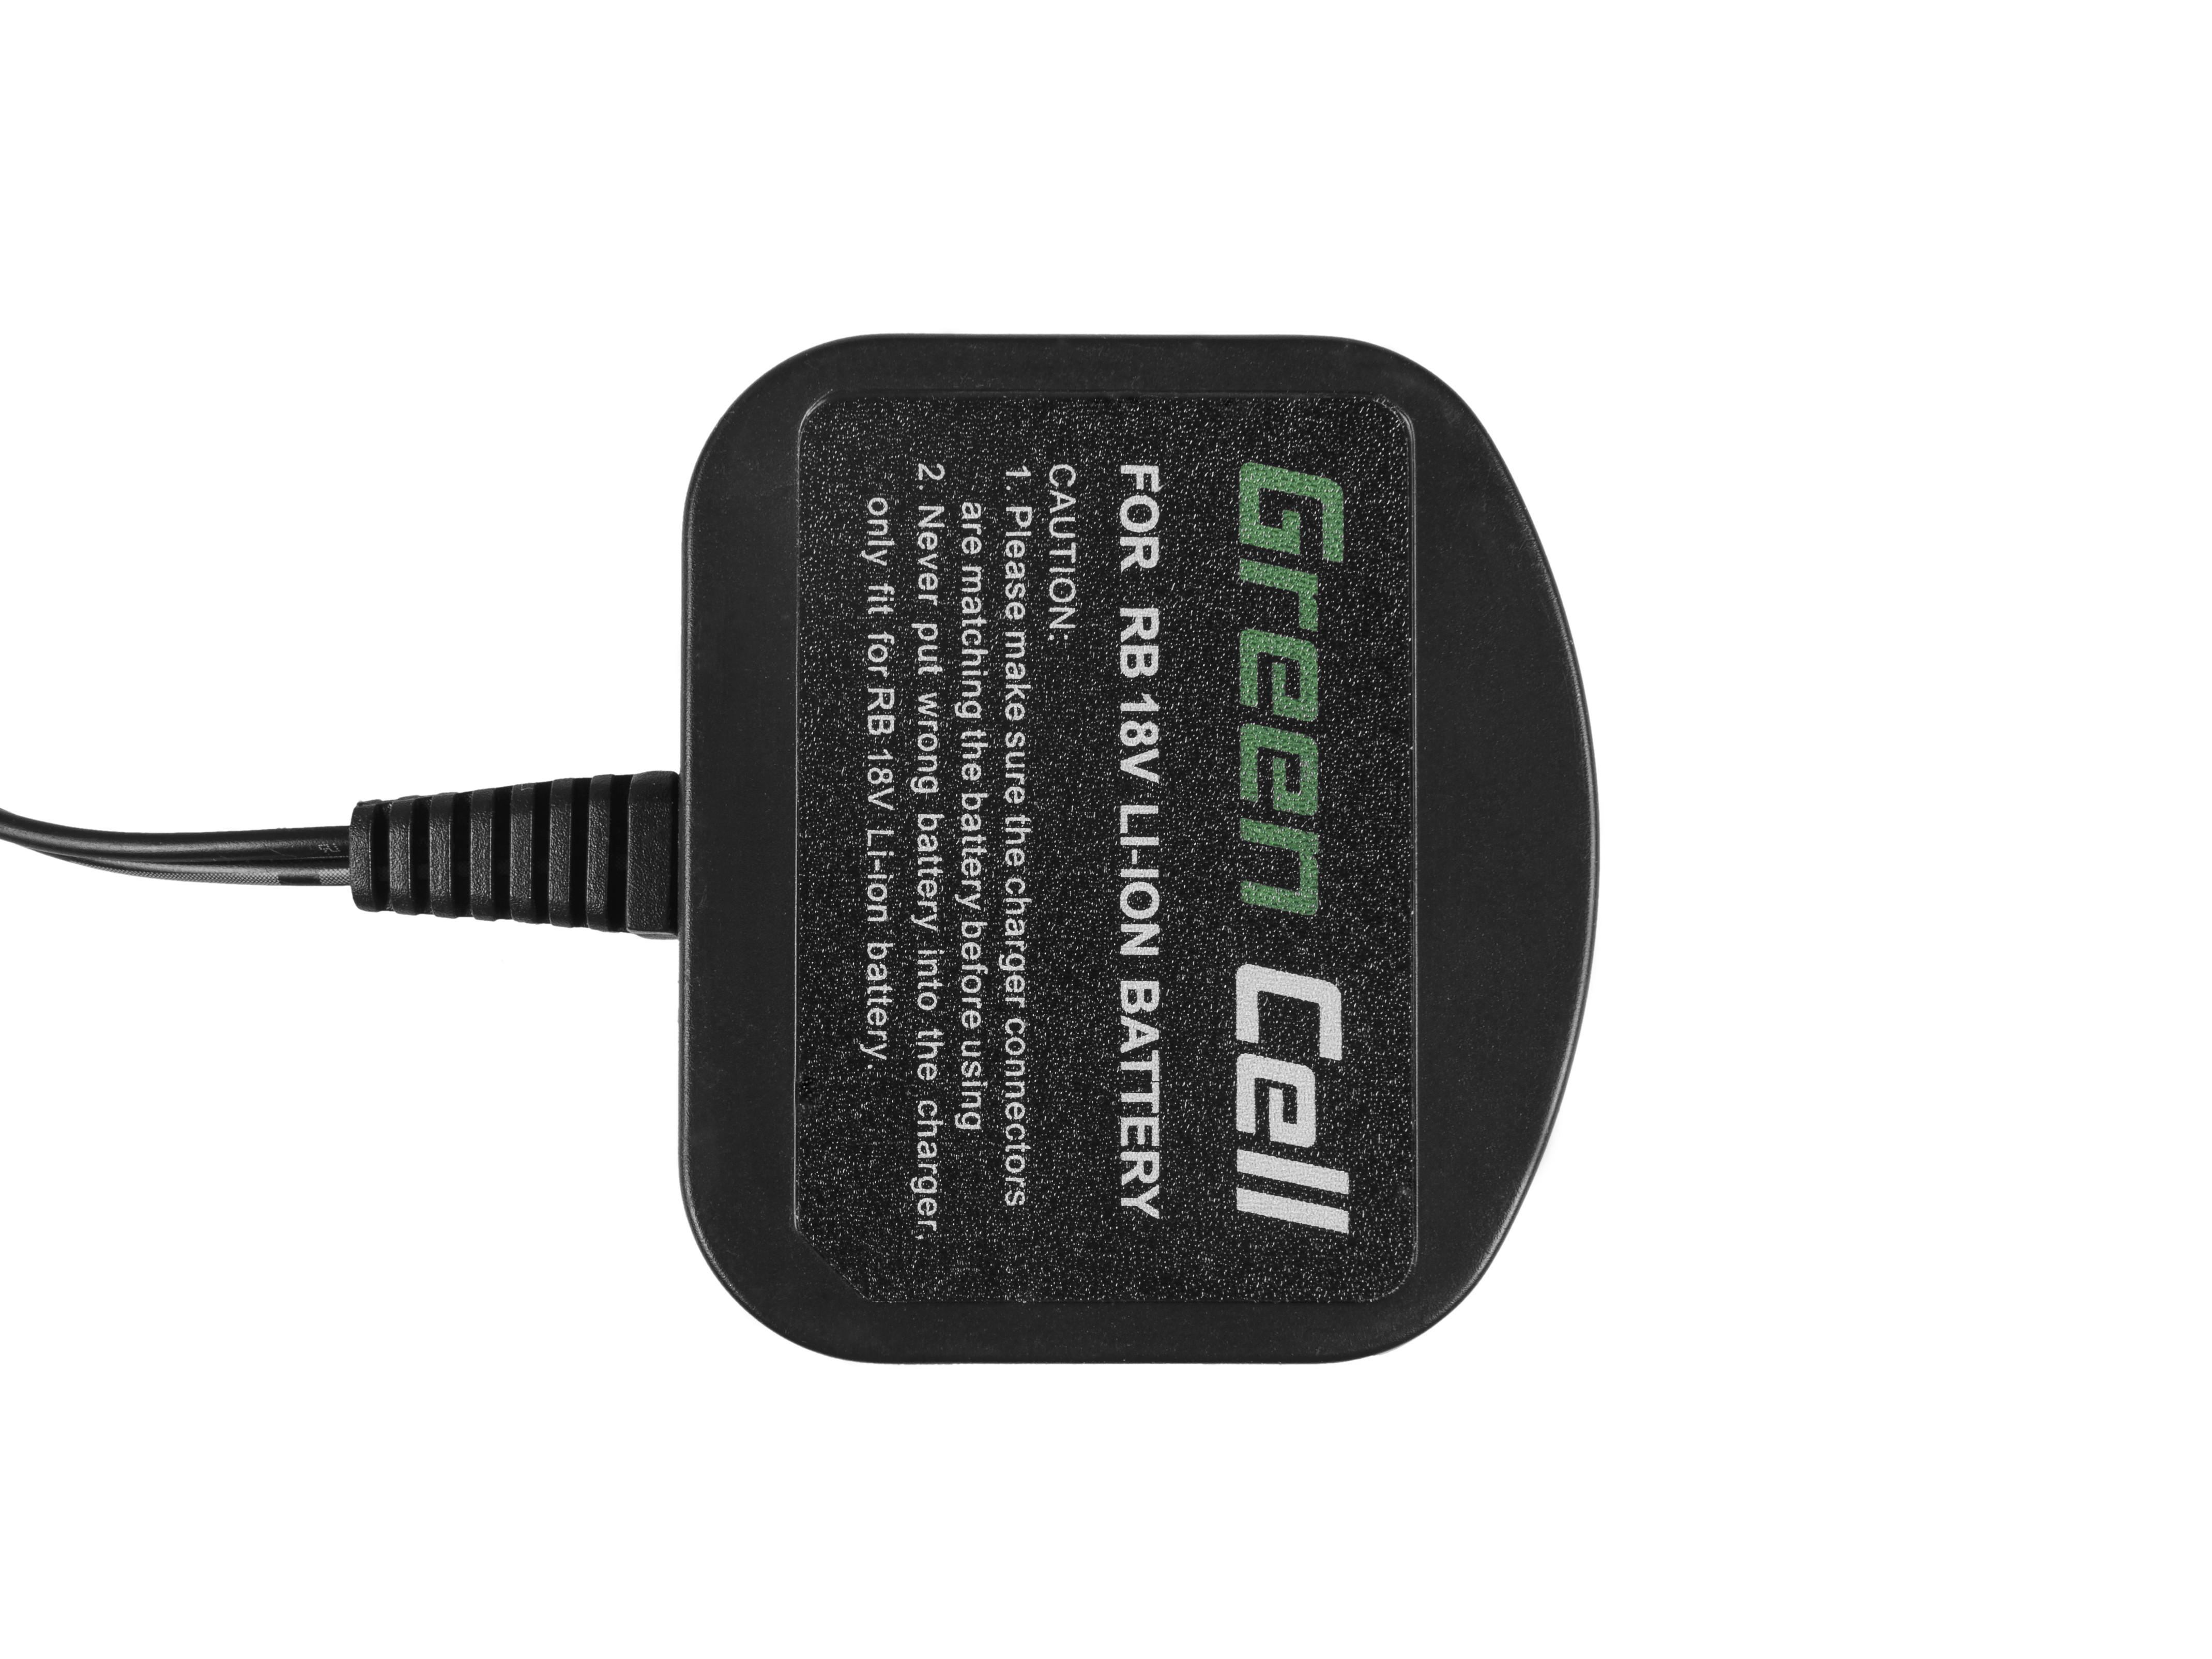 Green Cell CHARGPT10 Nabíječka pro Ryobi ONE+ RC18120 RB18L50 RB18L13 RB18L15 RB18L20 RB18L25 RB18L40 RB18L60 P300 P580 18V